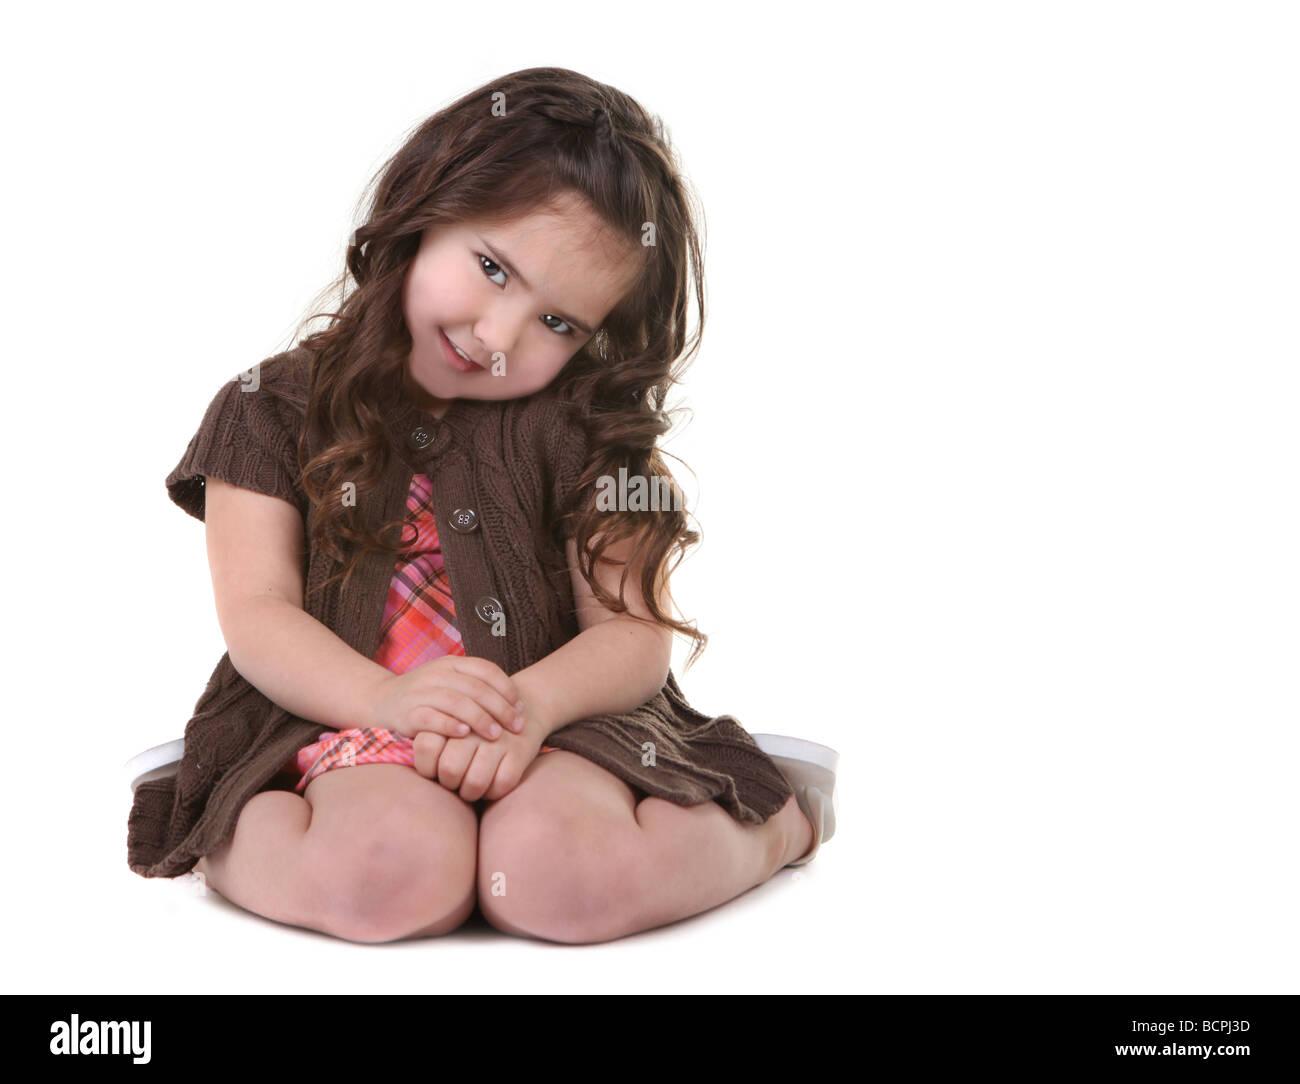 Niedliche braun behaart junges Mädchen den Kopf seitlich kippen Stockfoto